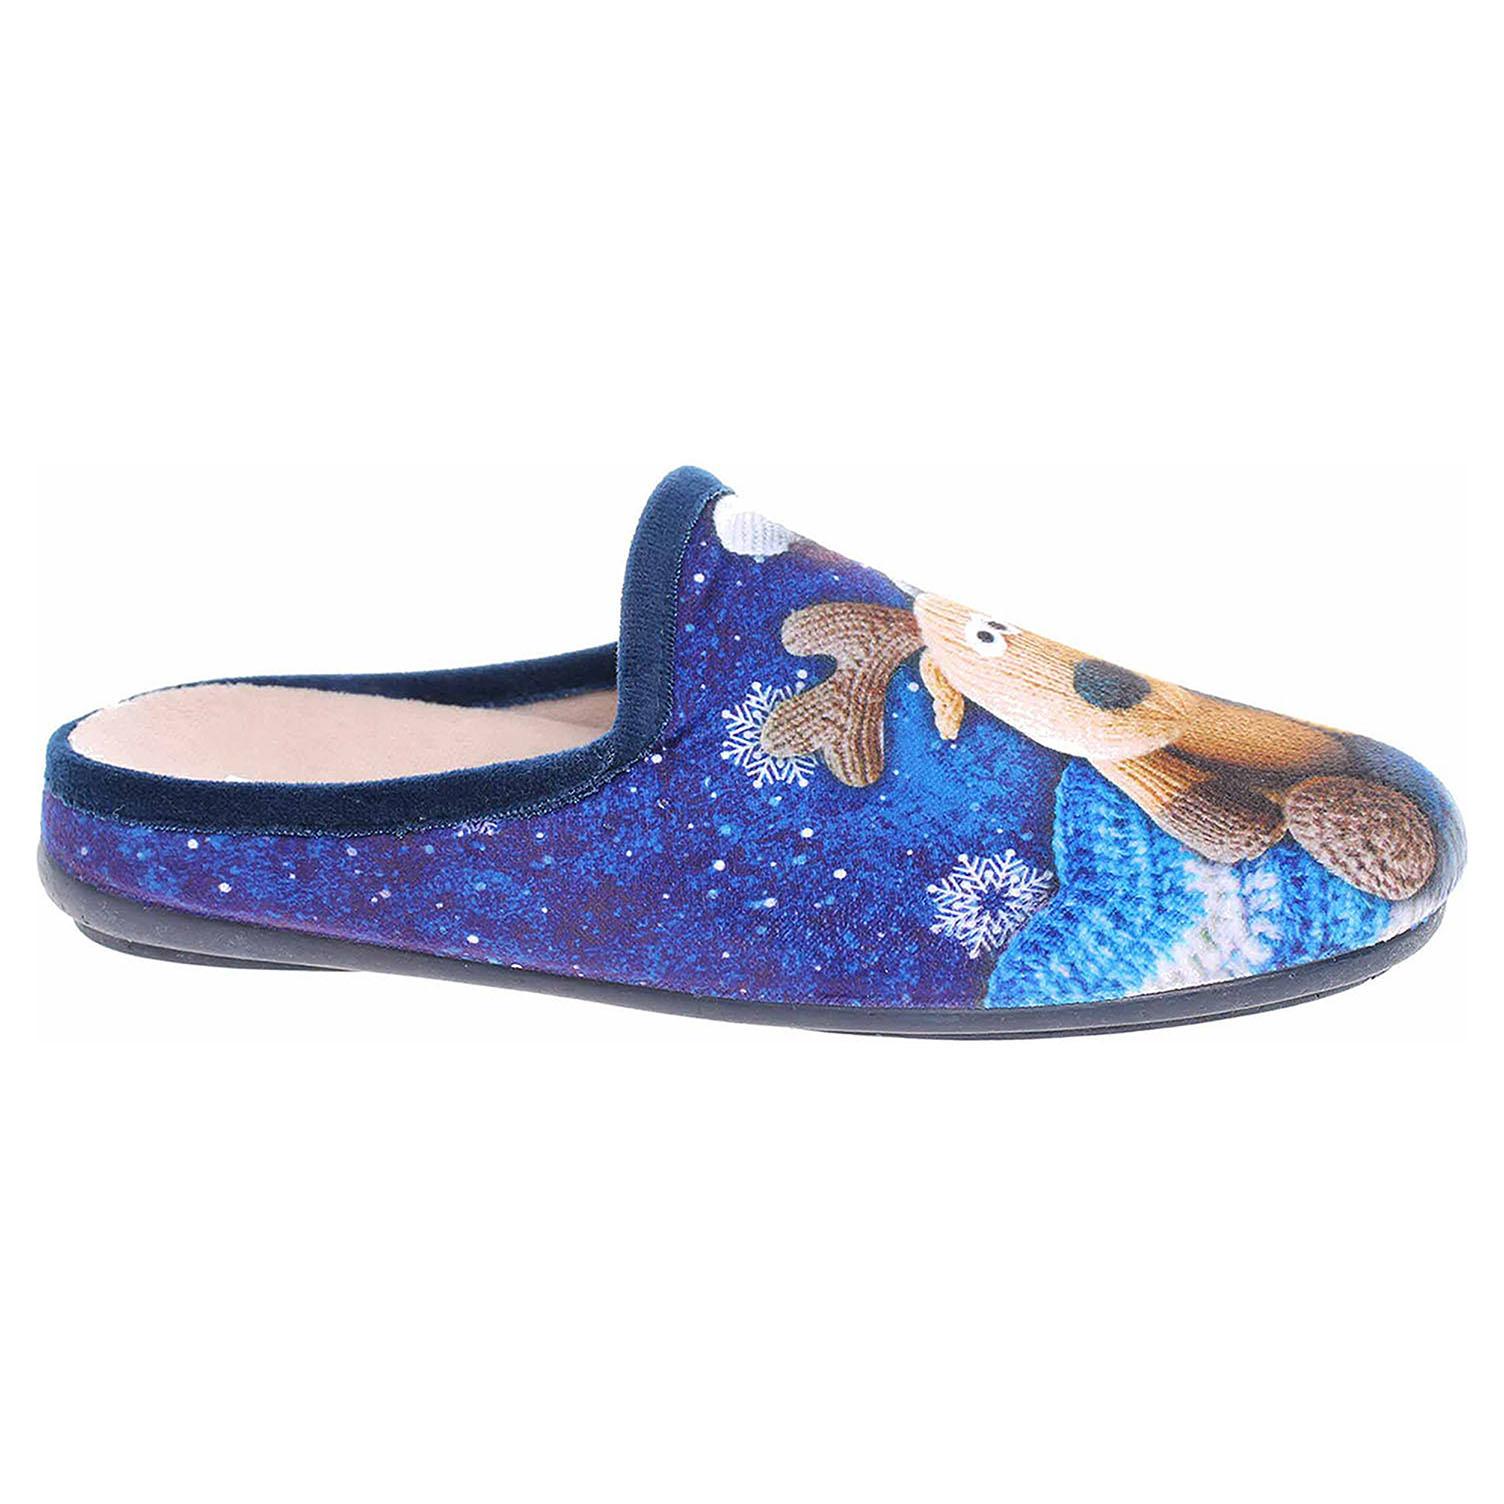 Dámské domácí pantofle Patrizia 1034-9 blue 1034-96 CA506 blue 39